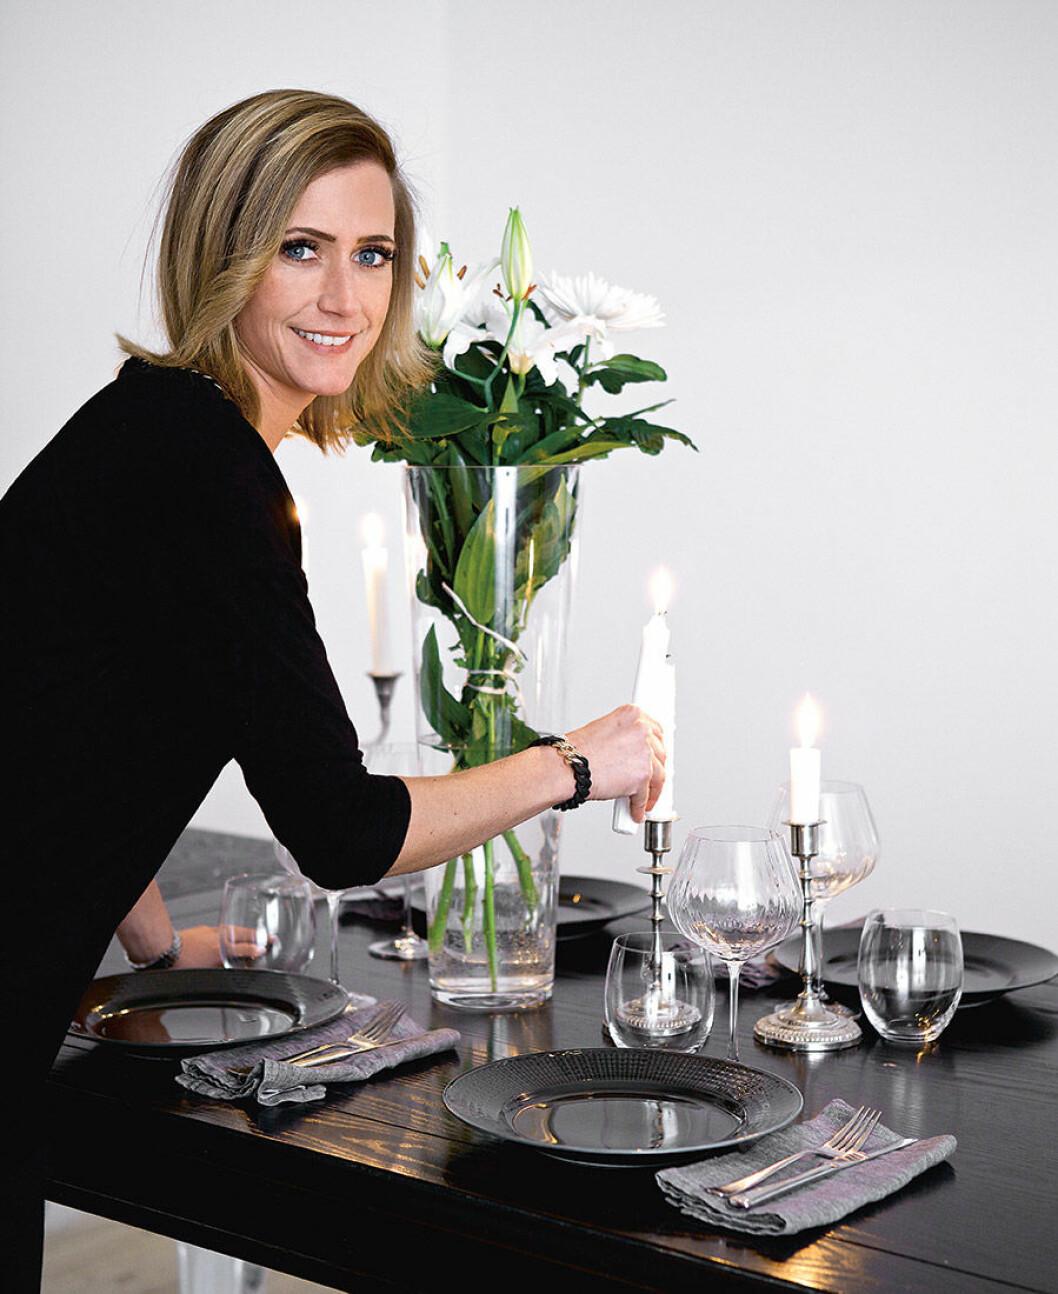 Catarina König har ofta middagar hemma. Foto: Frida Wismar